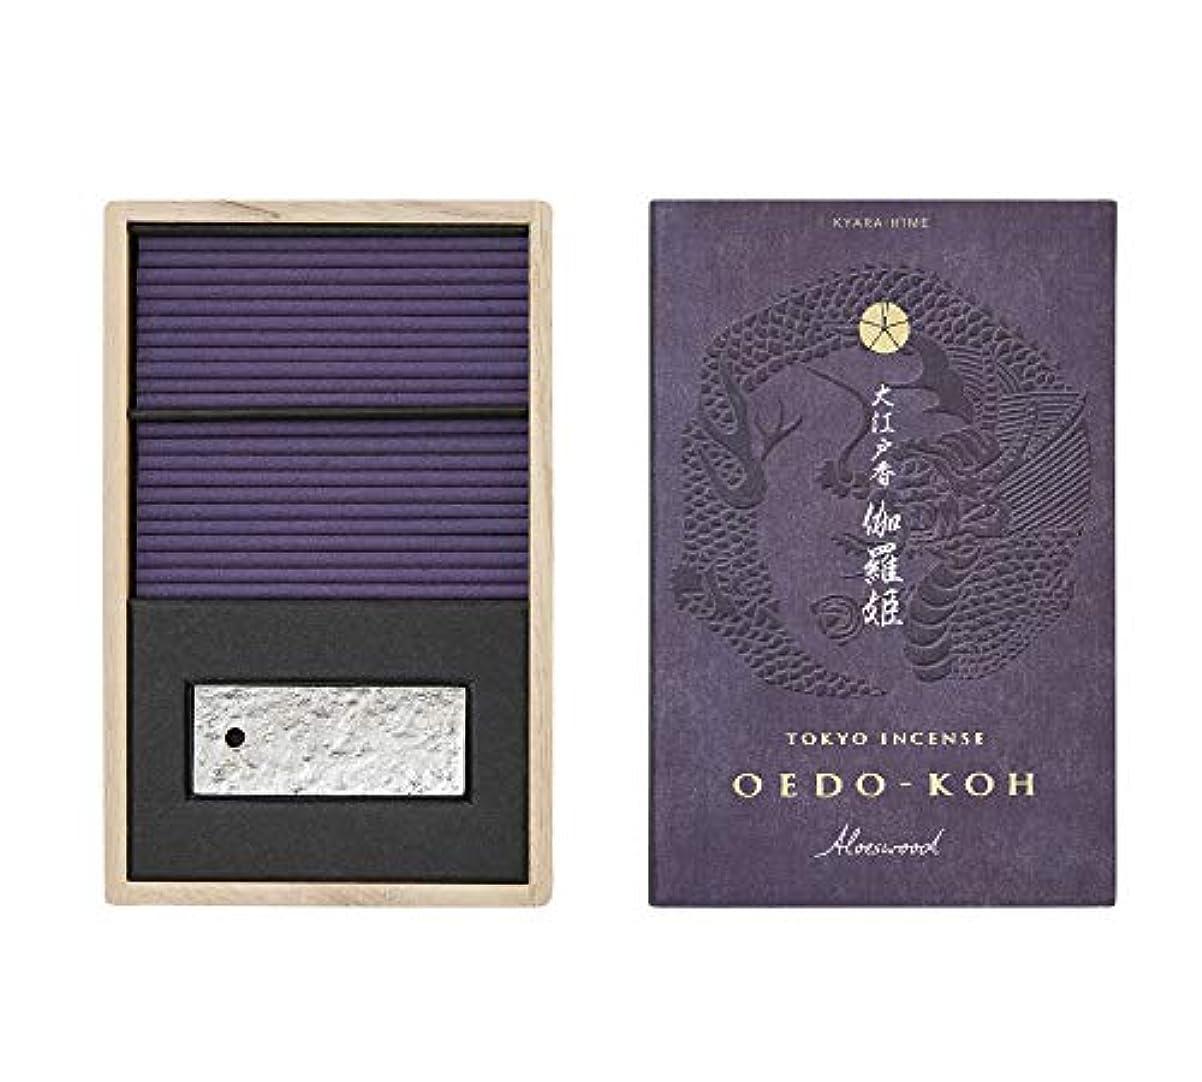 かわすはげ反応する日本香堂 大江戸香 伽羅姫(きゃらひめ) スティック60本入 香立付